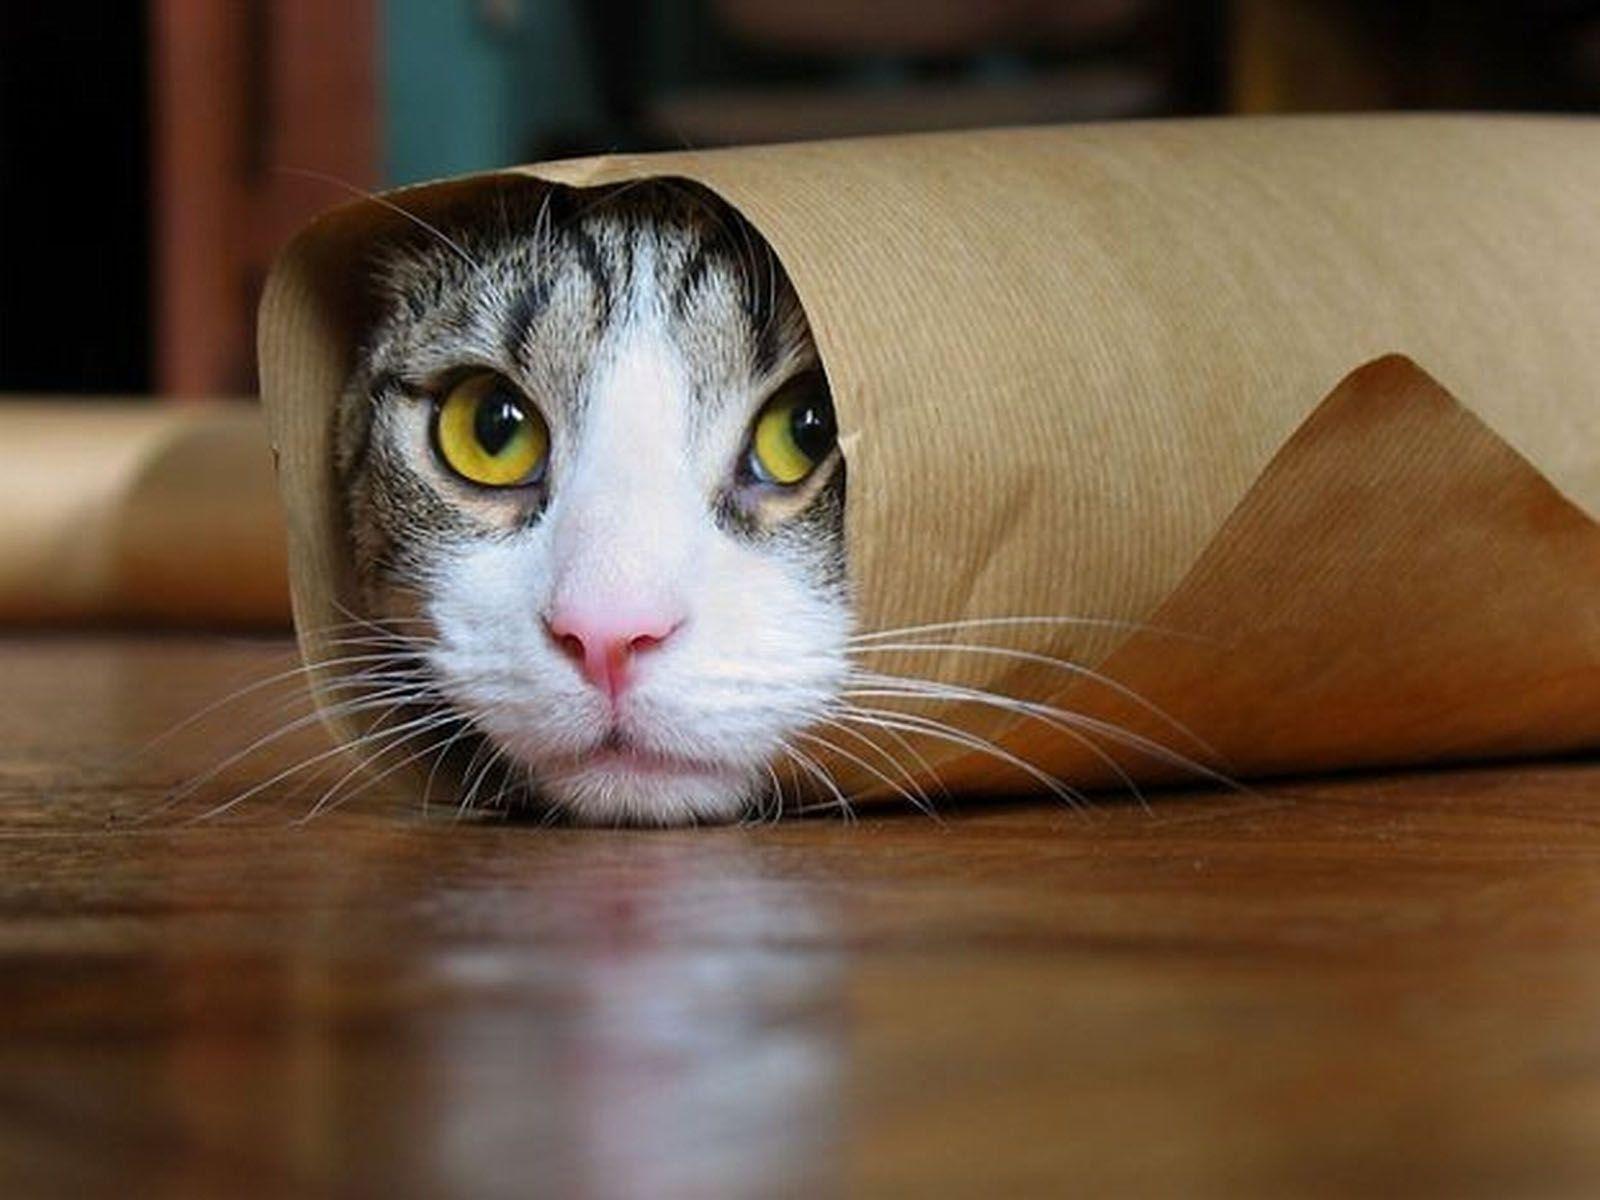 1pr9yl5 Jpg 1600 1200 Funny Cat Compilation Funny Cat Wallpaper Funny Cat Videos